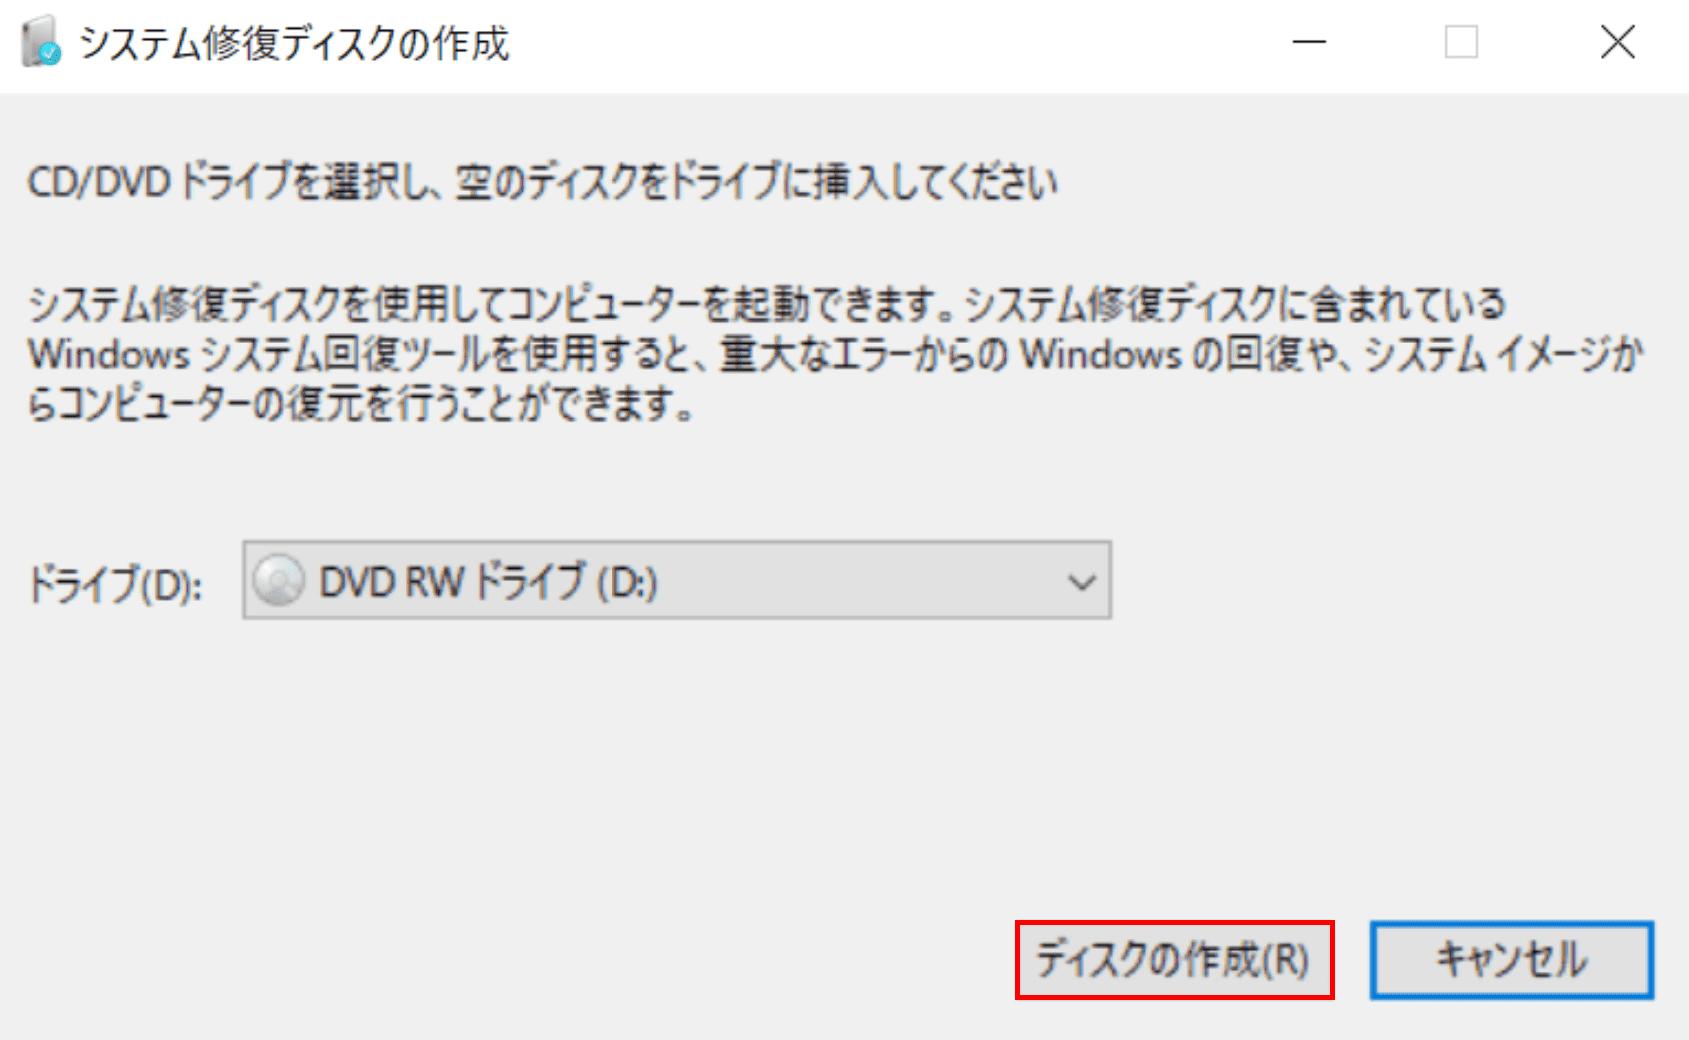 修復ディスクの作成手順、システム修復ディスクの作成